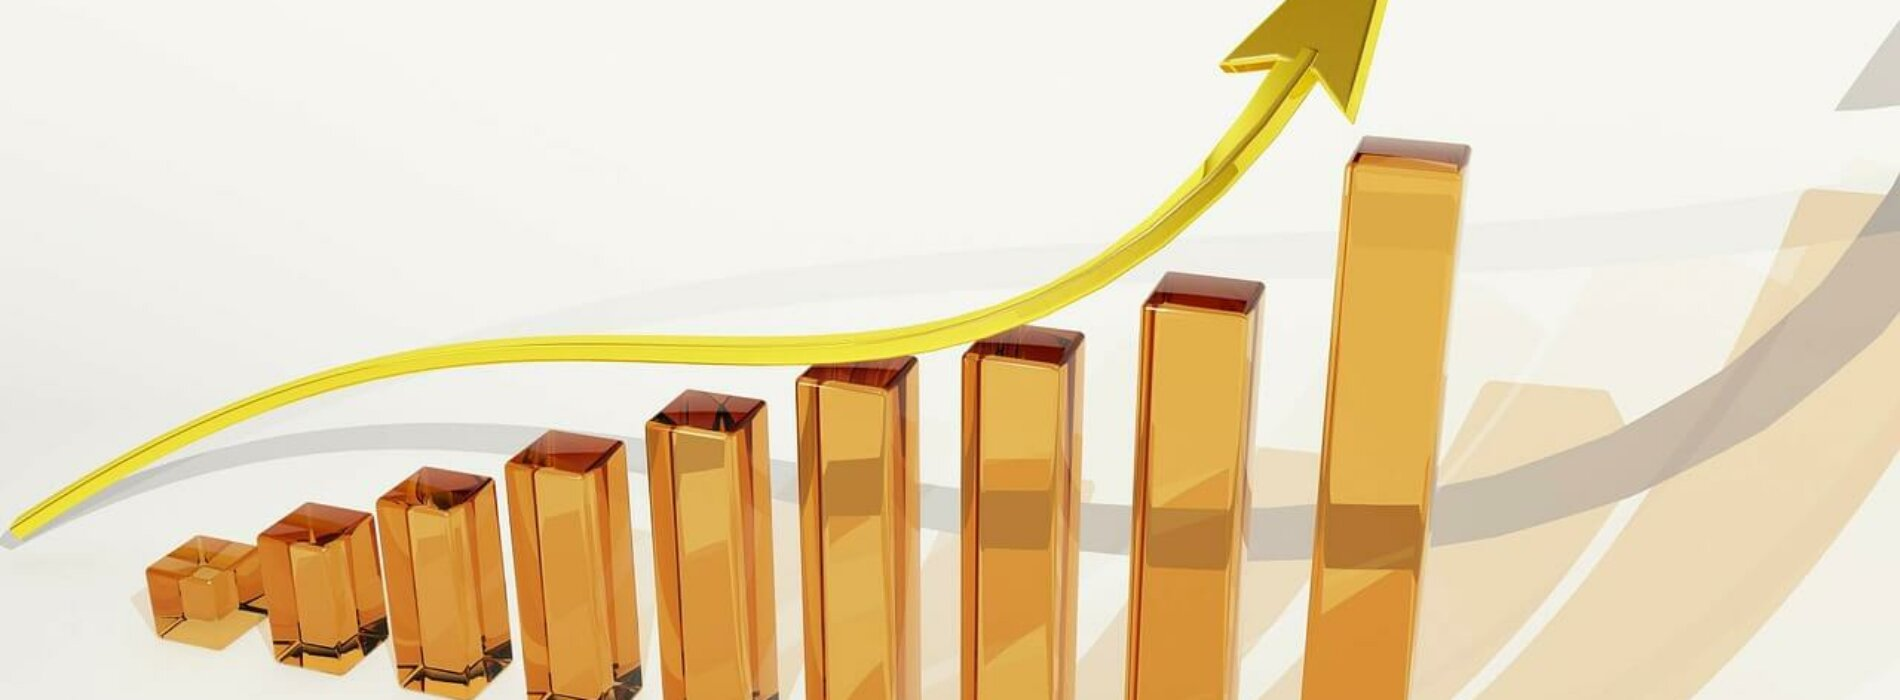 Inflacja bije rekordy, a stopy ani drgną. Przedsiębiorcy obawiają się wzrostu oczekiwań płacowych